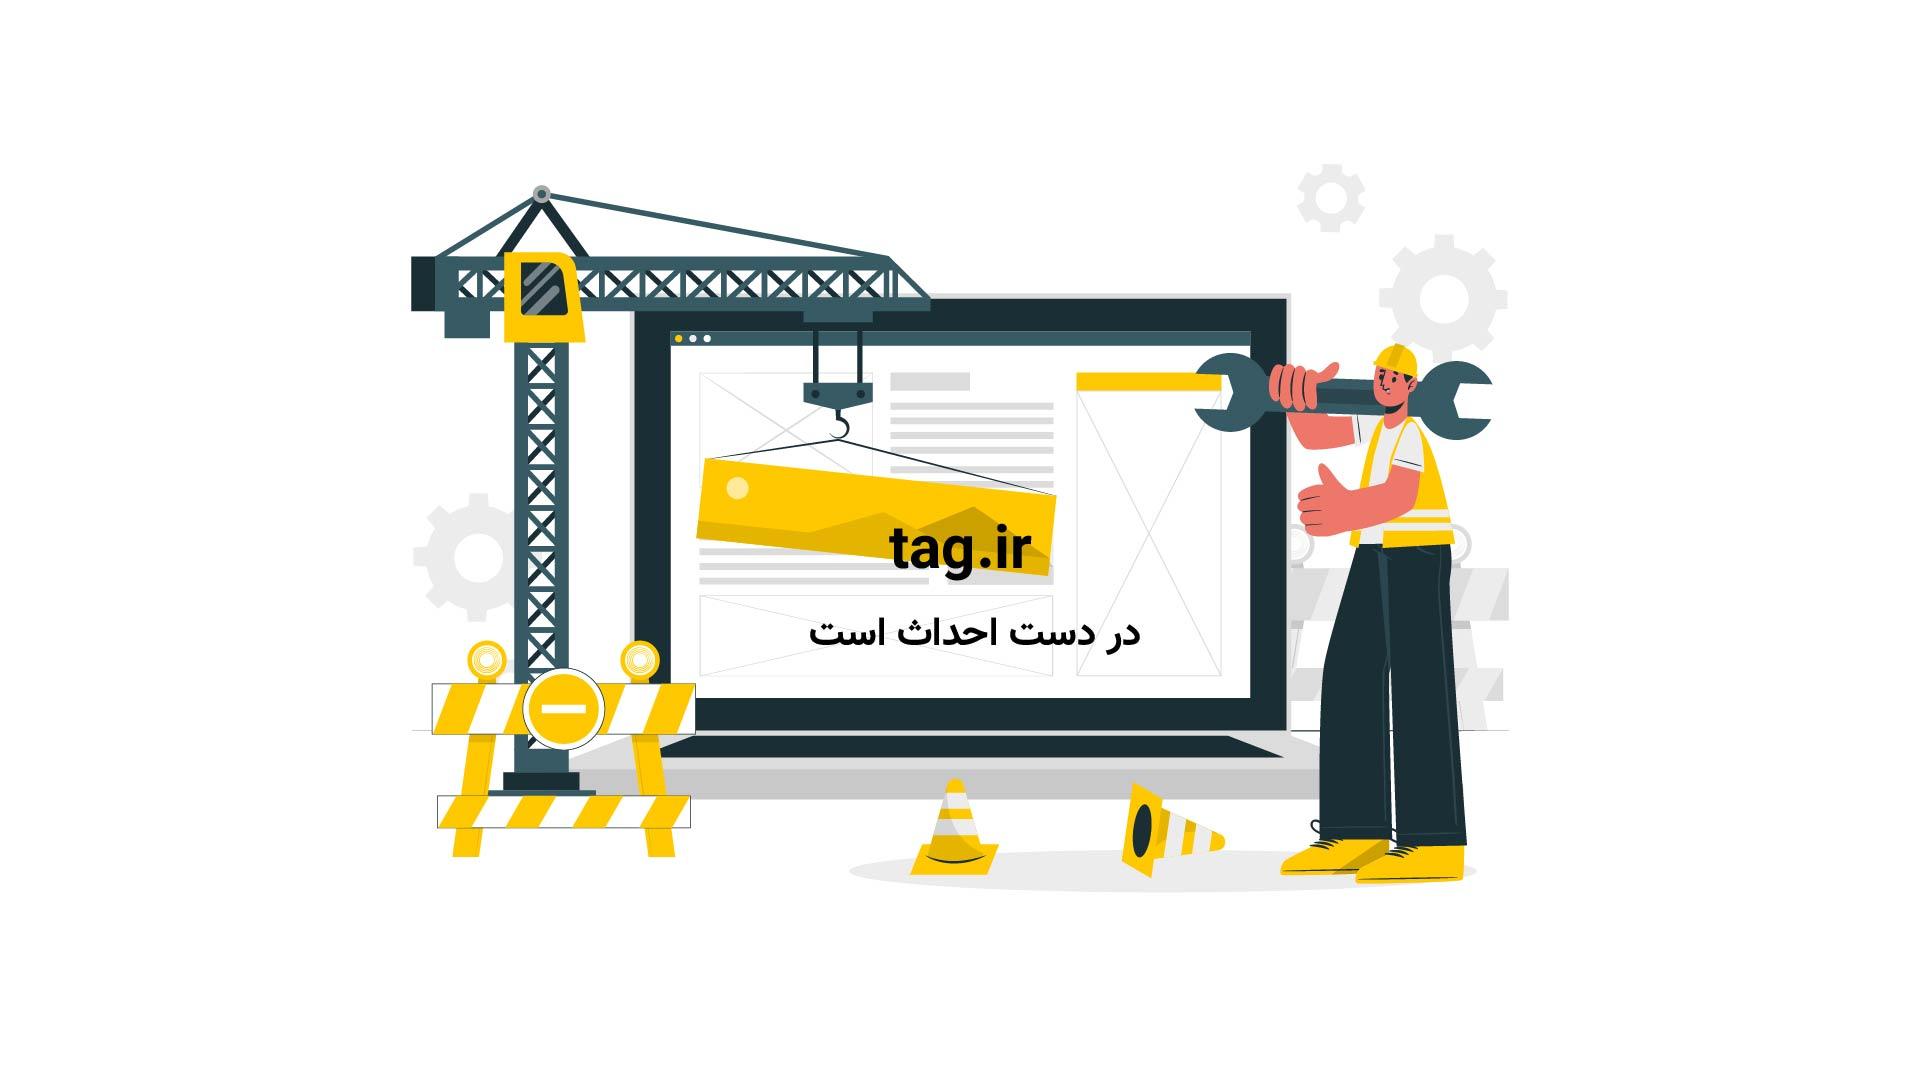 بازی بارسلونا - گرانادا: سالروز پیشی گرفتن مسی از سزار   فیلم